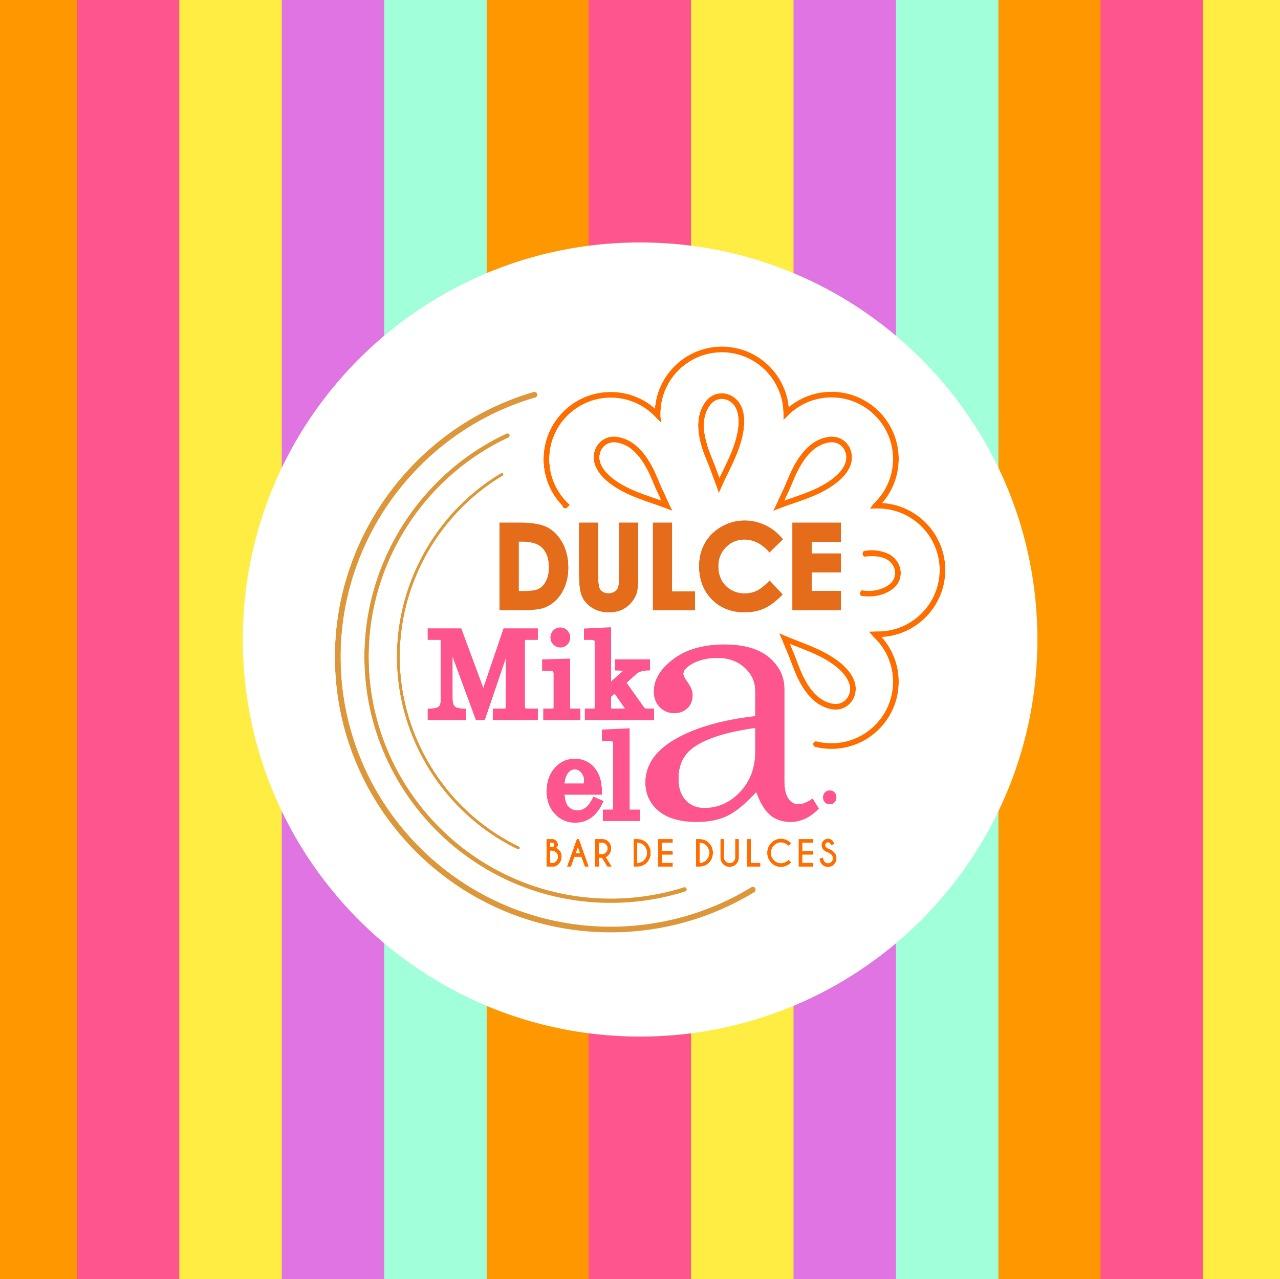 Mikaela, Bar de Dulces